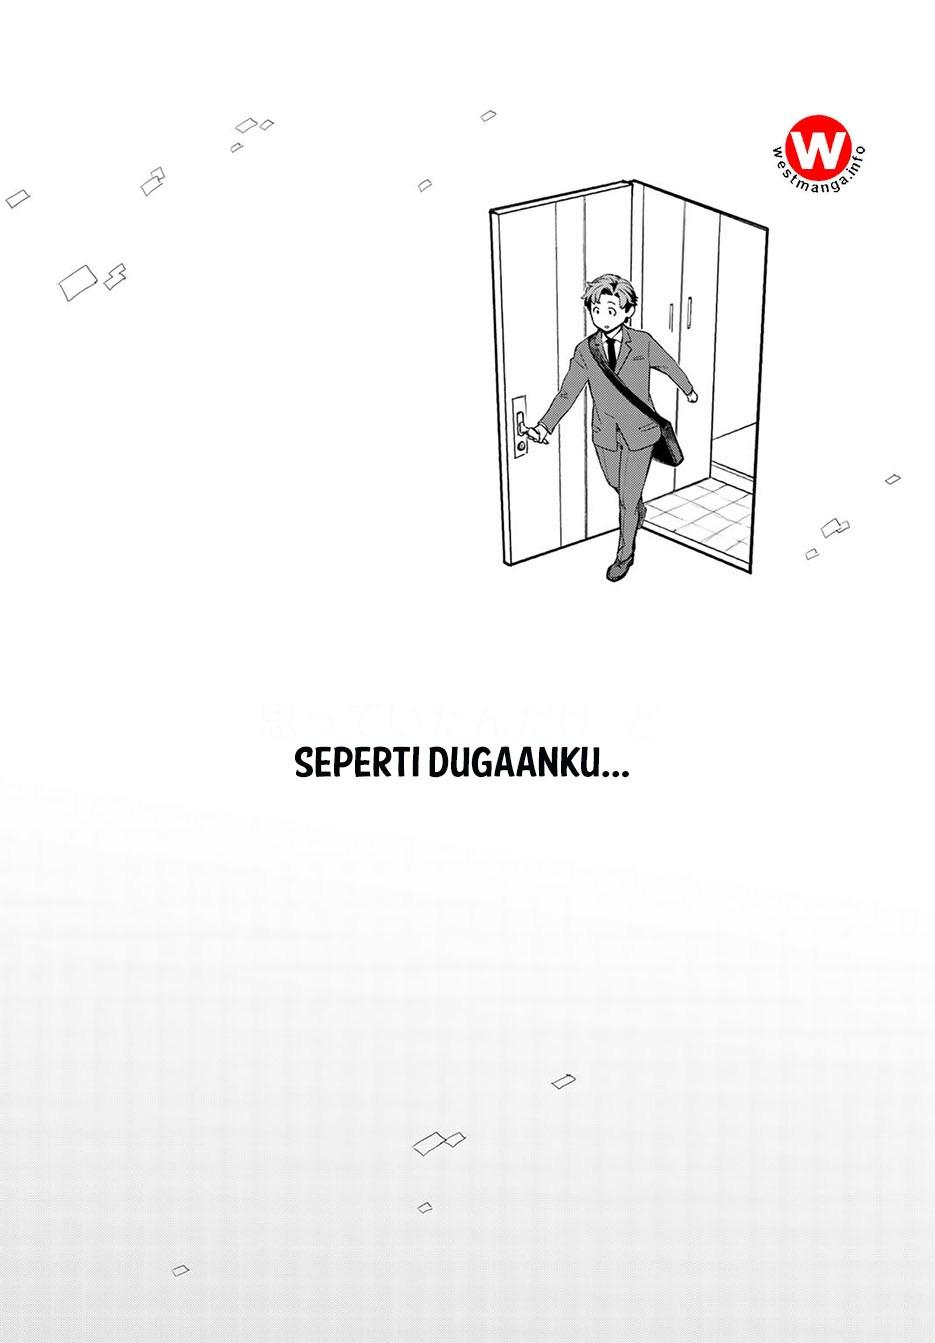 Dilarang COPAS - situs resmi www.mangacanblog.com - Komik isekai ni kita mitai dakedo ikan sureba yoi no darou 001 - chapter 1 2 Indonesia isekai ni kita mitai dakedo ikan sureba yoi no darou 001 - chapter 1 Terbaru 7 Baca Manga Komik Indonesia Mangacan